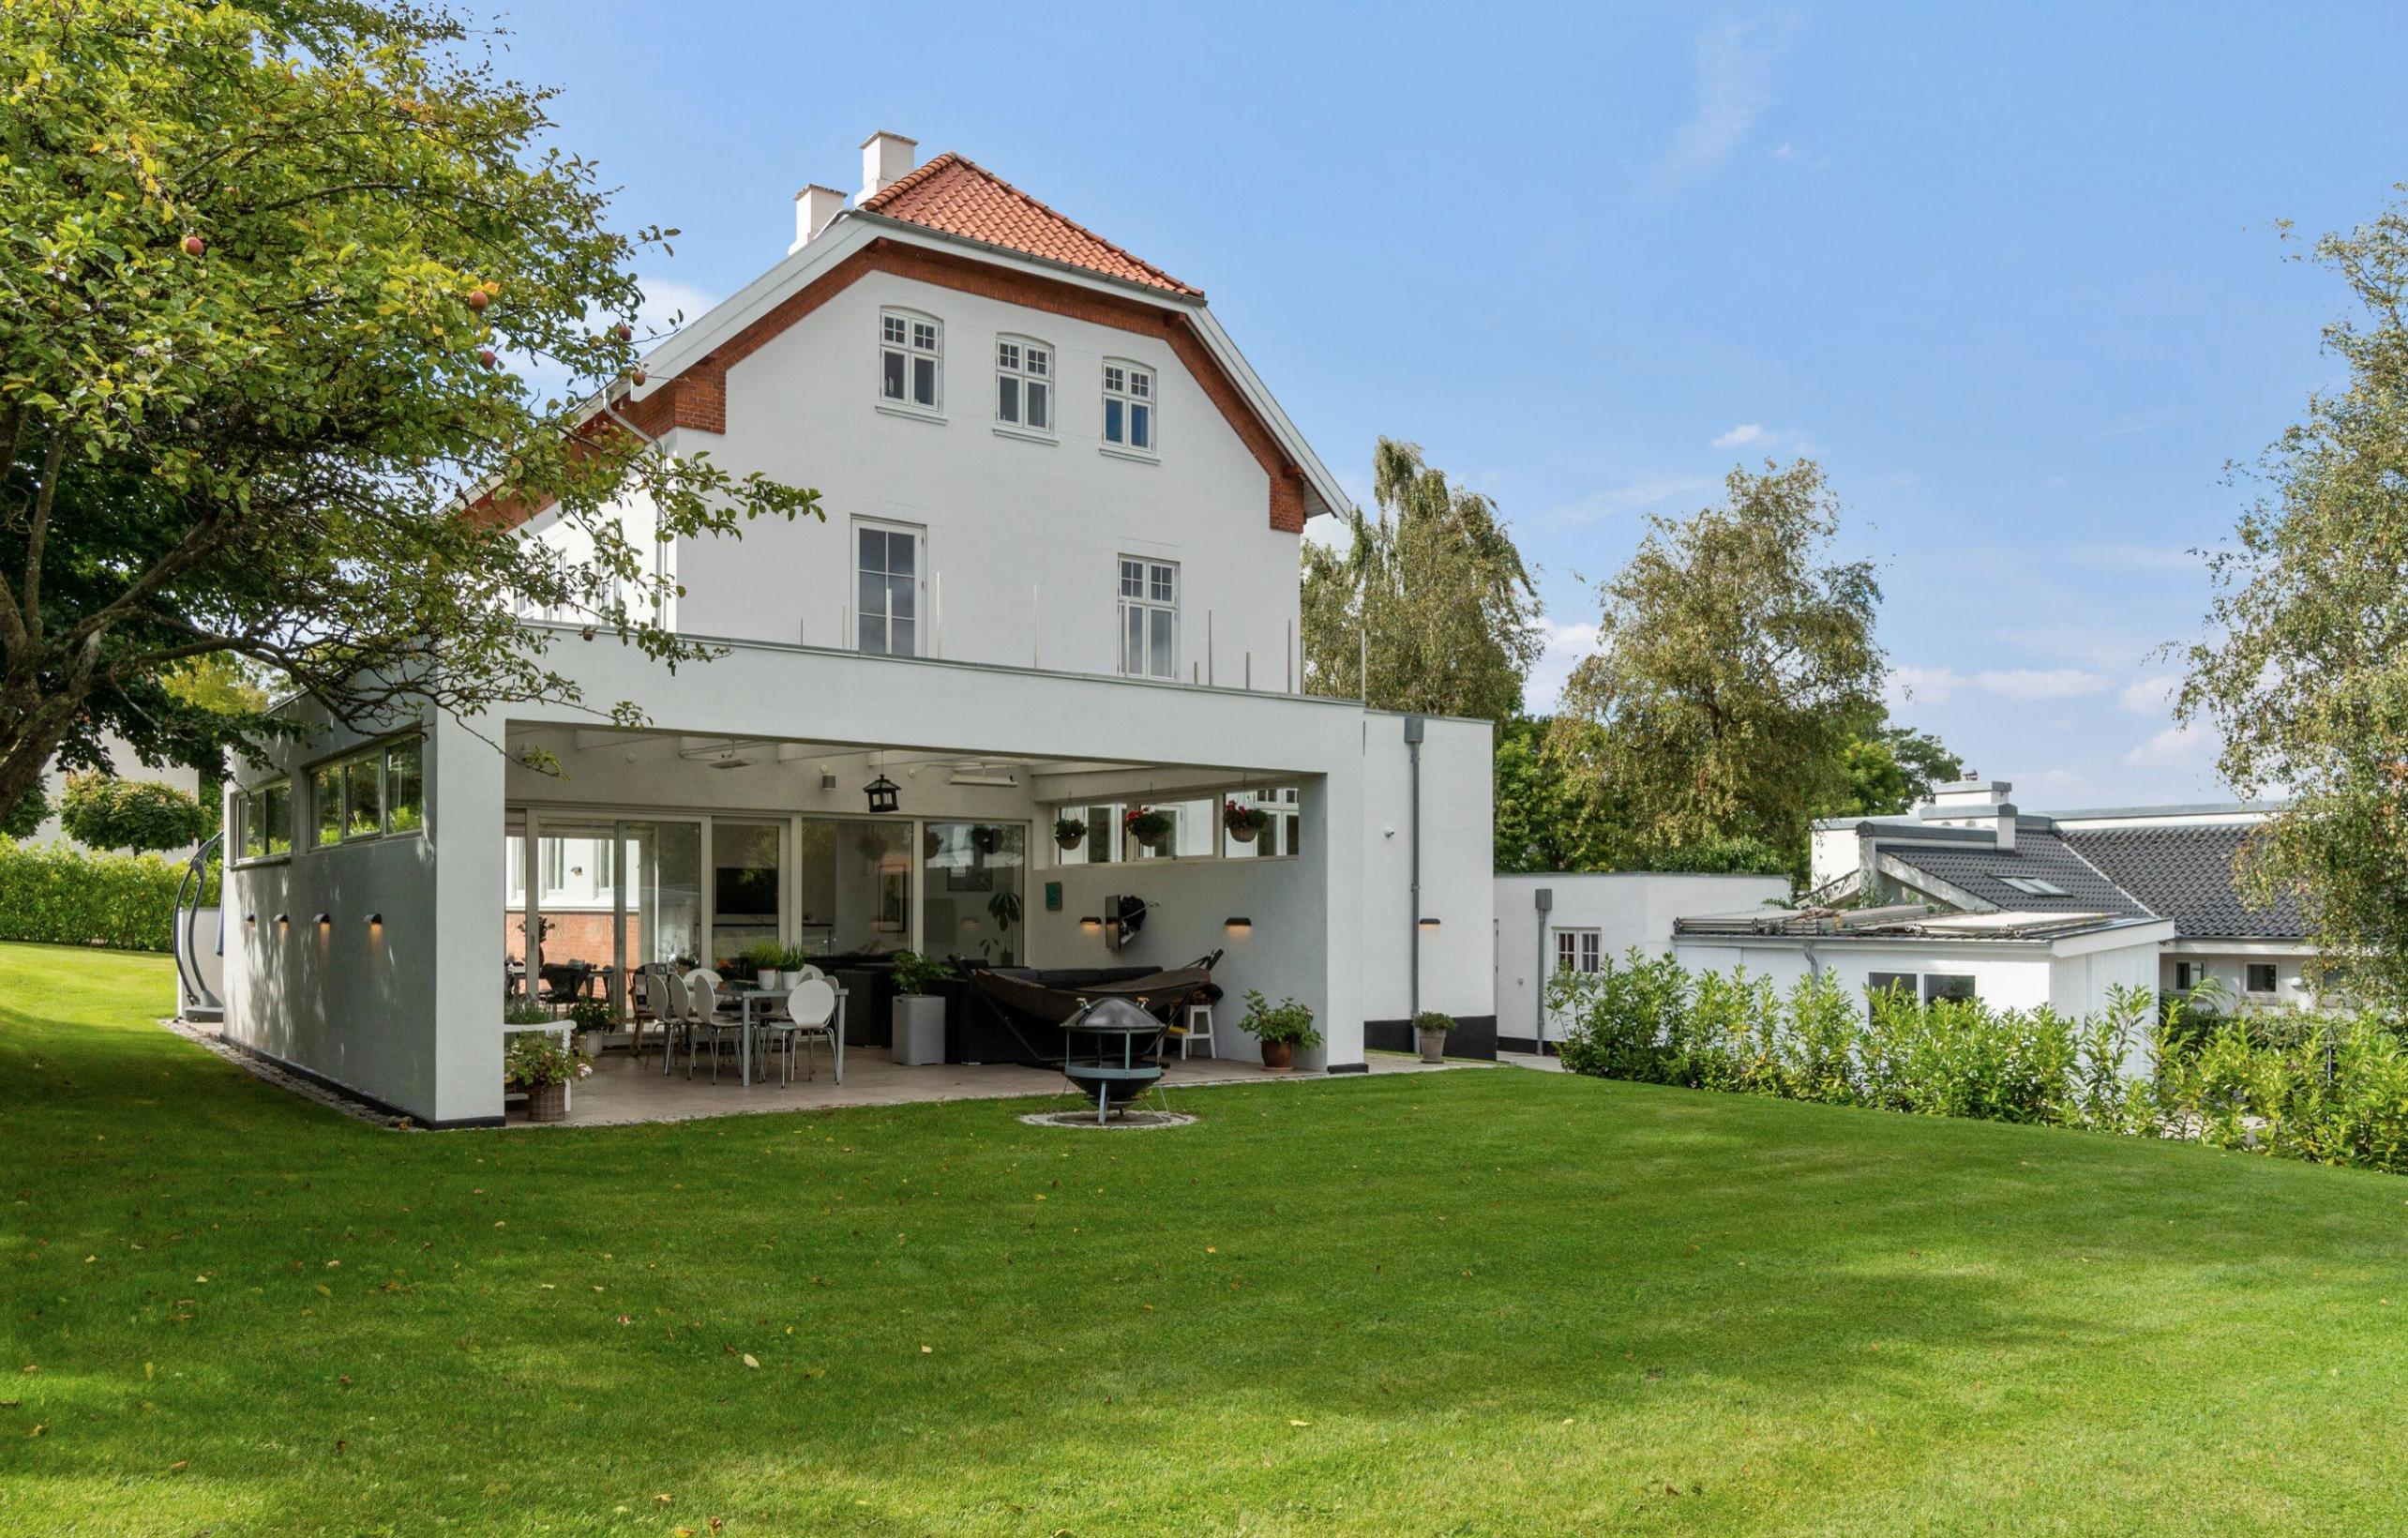 Vilde kasser til mange millioner: Her er de fem dyreste villaer til salg i Aalborg